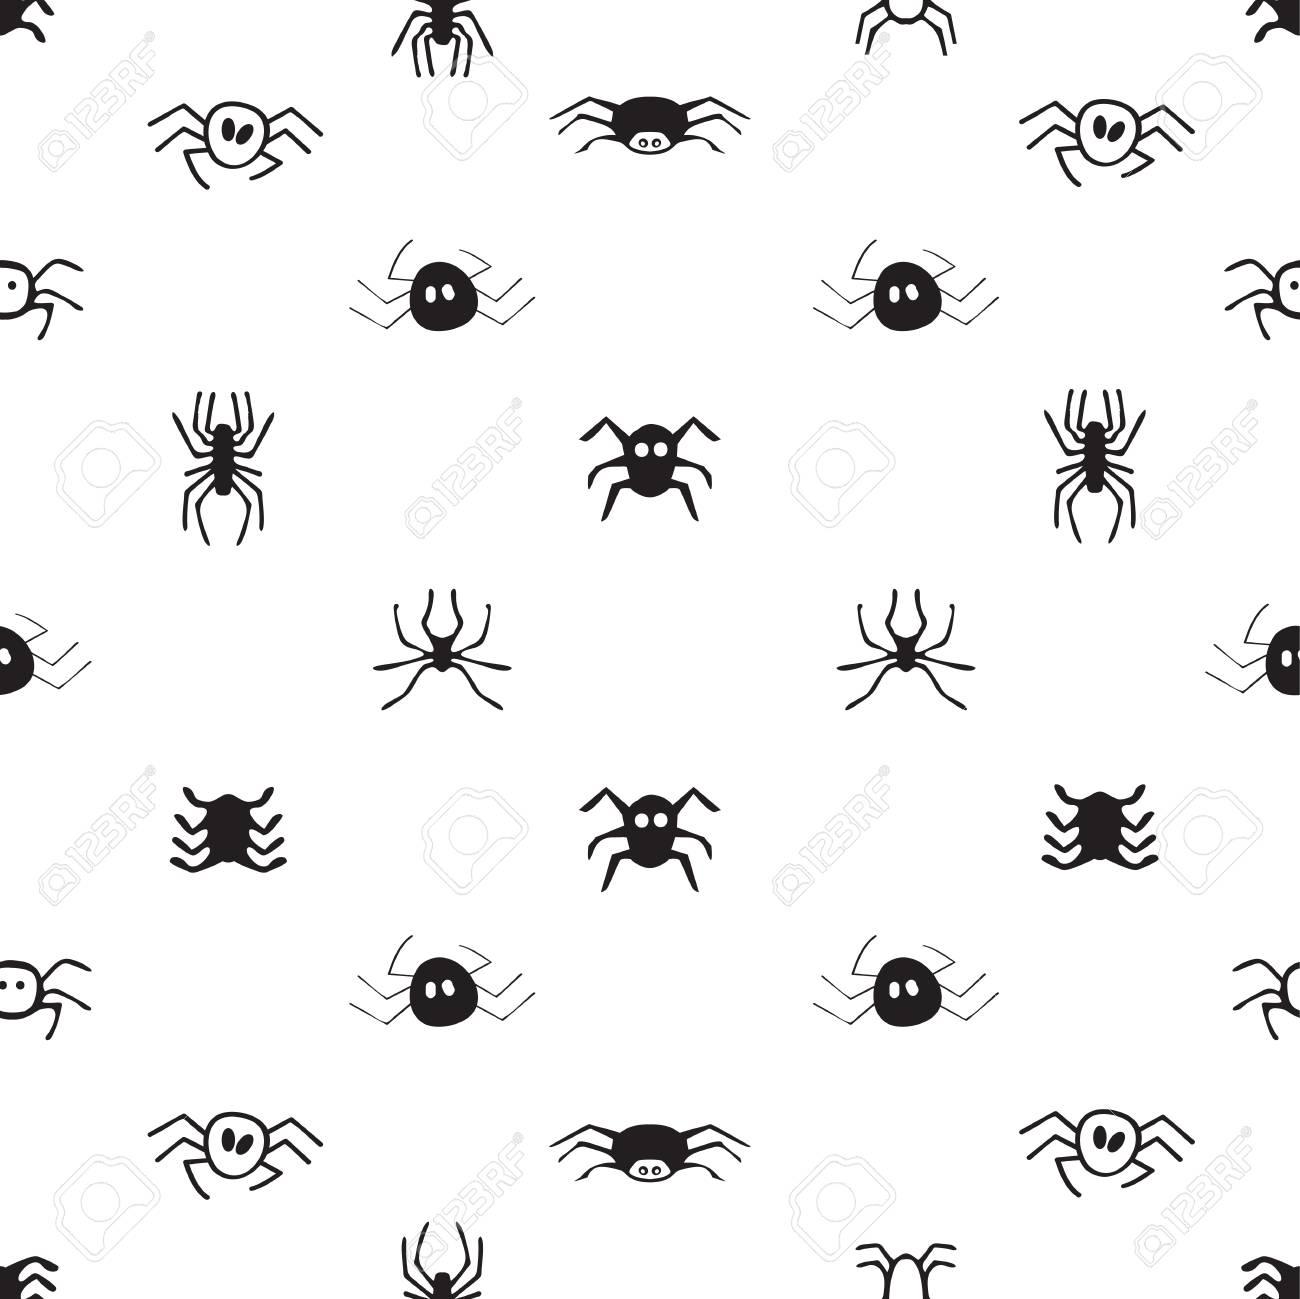 Modele Sans Couture Avec Des Araignees Fond D Halloween Illustration Vectorielle Clip Art Libres De Droits Vecteurs Et Illustration Image 88591031